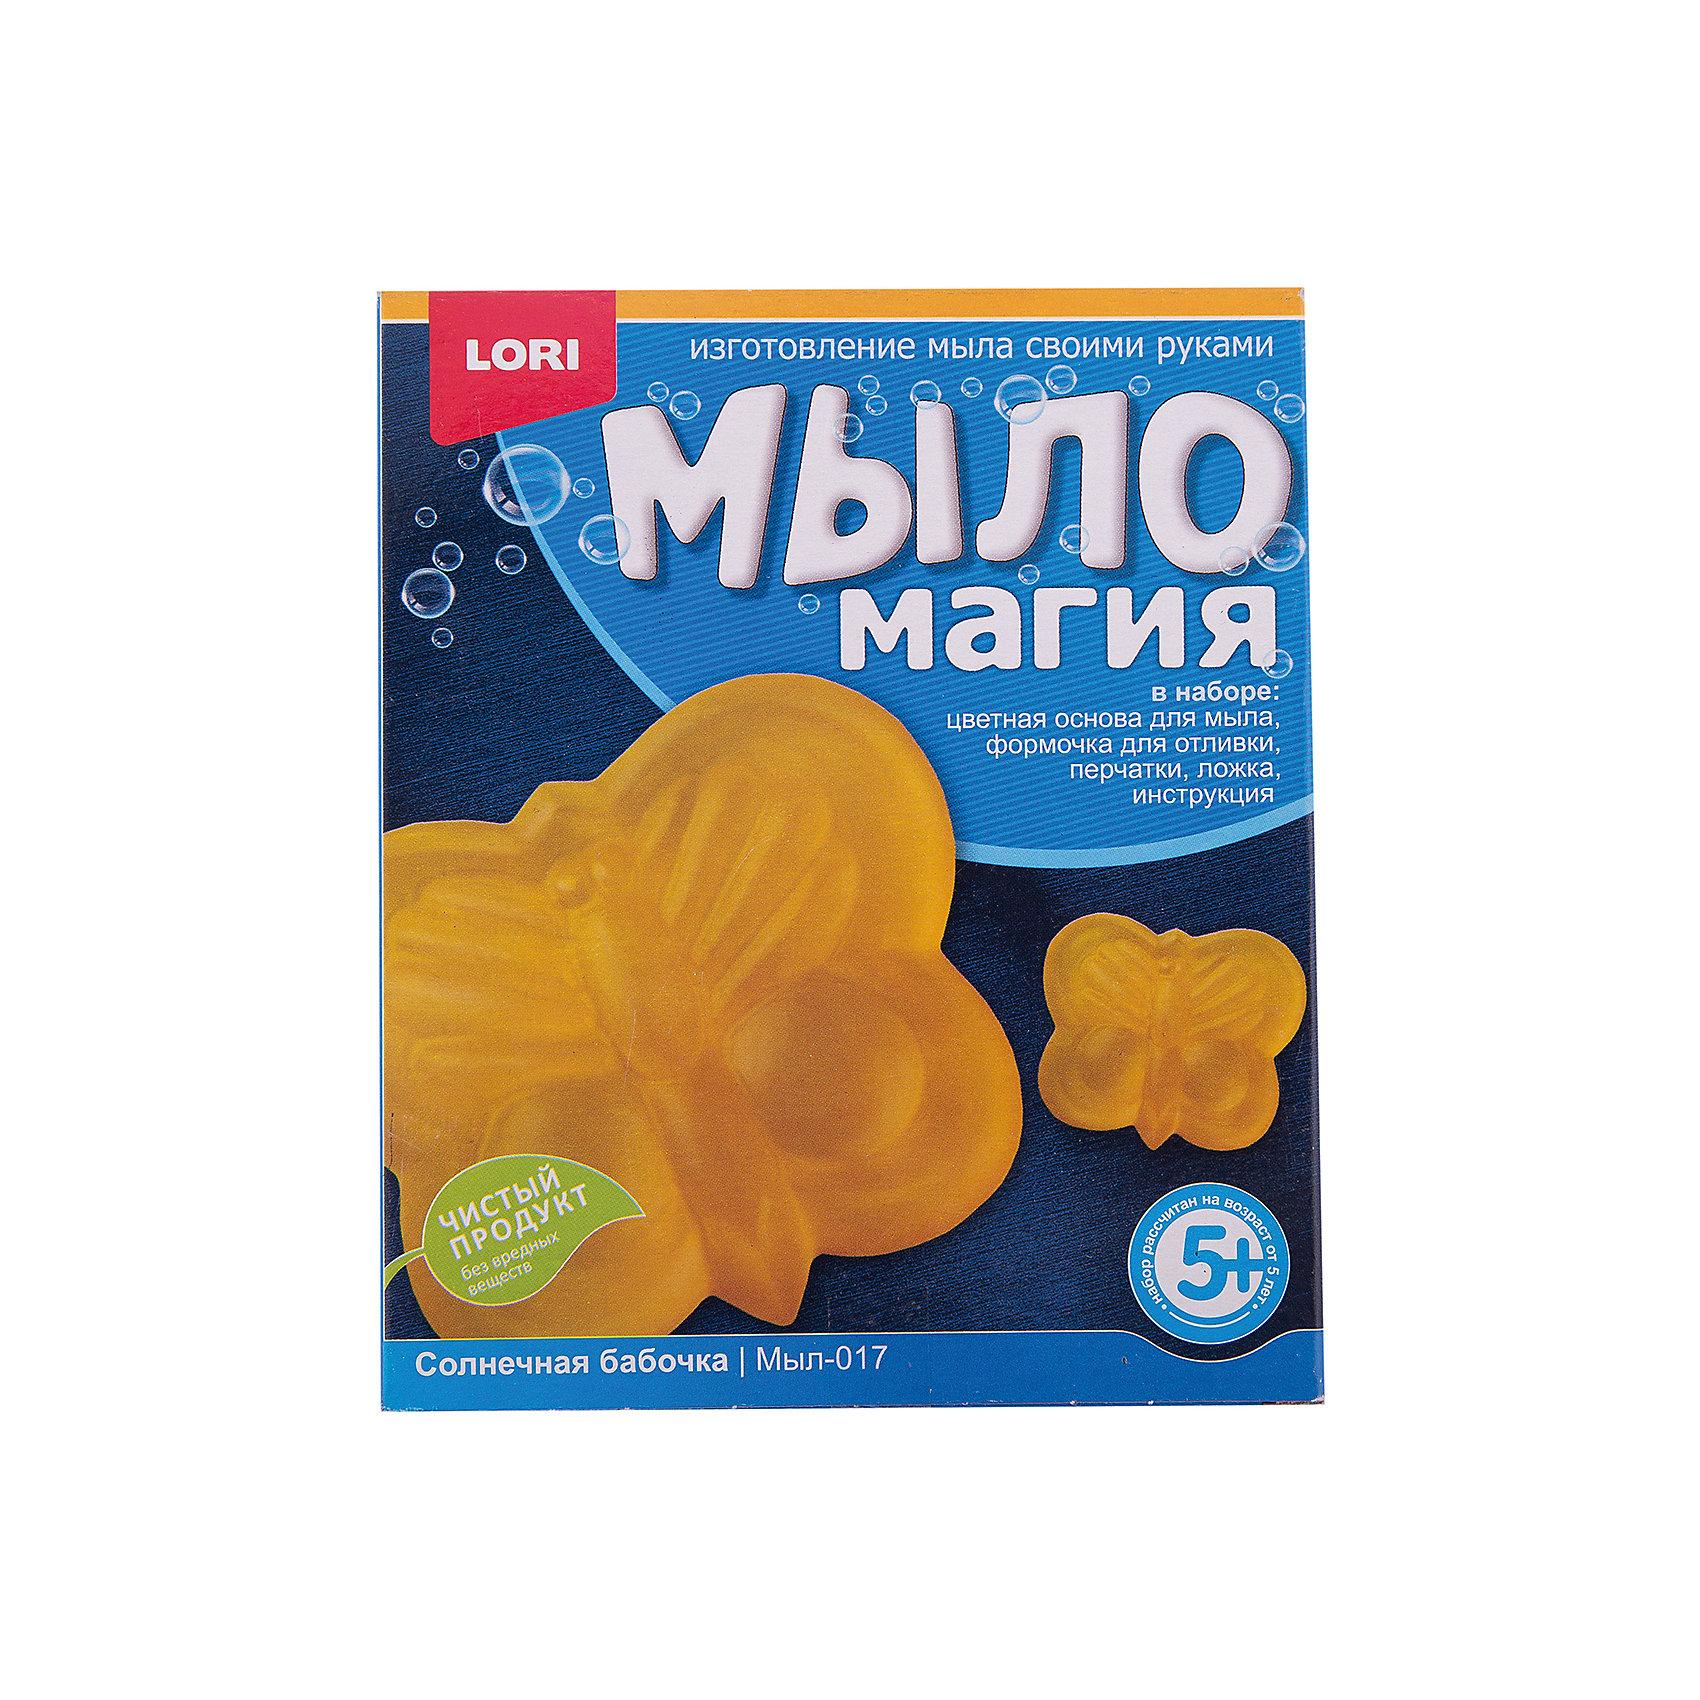 МылоМагия Солнечная бабочкаОснова для мыла емкость для растапливания, форма для заливки мыльного раствора, пищевой краситель, пипетка, перчатки, ложка инструкция<br><br>Ширина мм: 40<br>Глубина мм: 135<br>Высота мм: 113<br>Вес г: 350<br>Возраст от месяцев: 60<br>Возраст до месяцев: 84<br>Пол: Унисекс<br>Возраст: Детский<br>SKU: 5032301